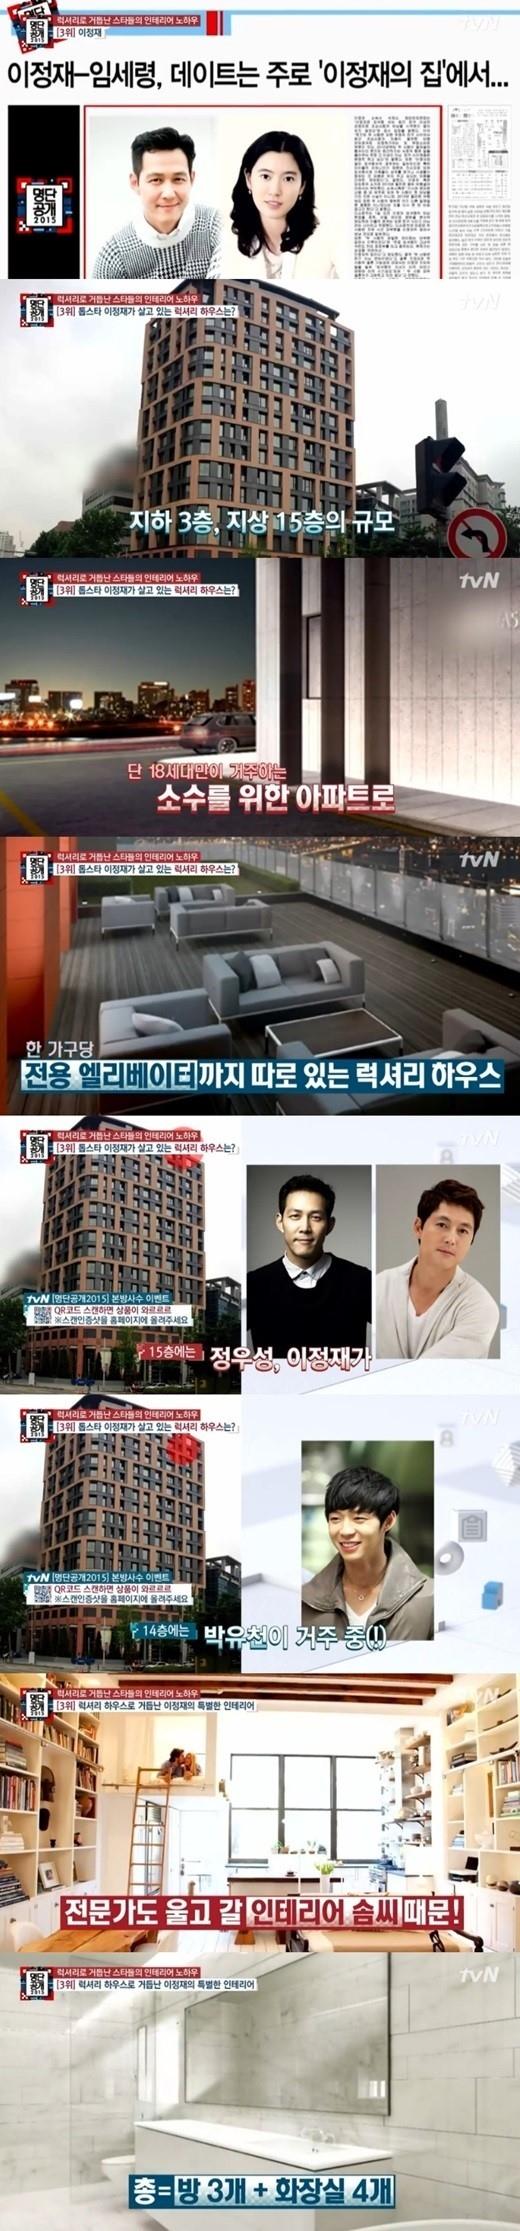 JYJ ユチョン&チョン・ウソンも居住…イ・ジョンジェの超高級マンションが公開され話題に